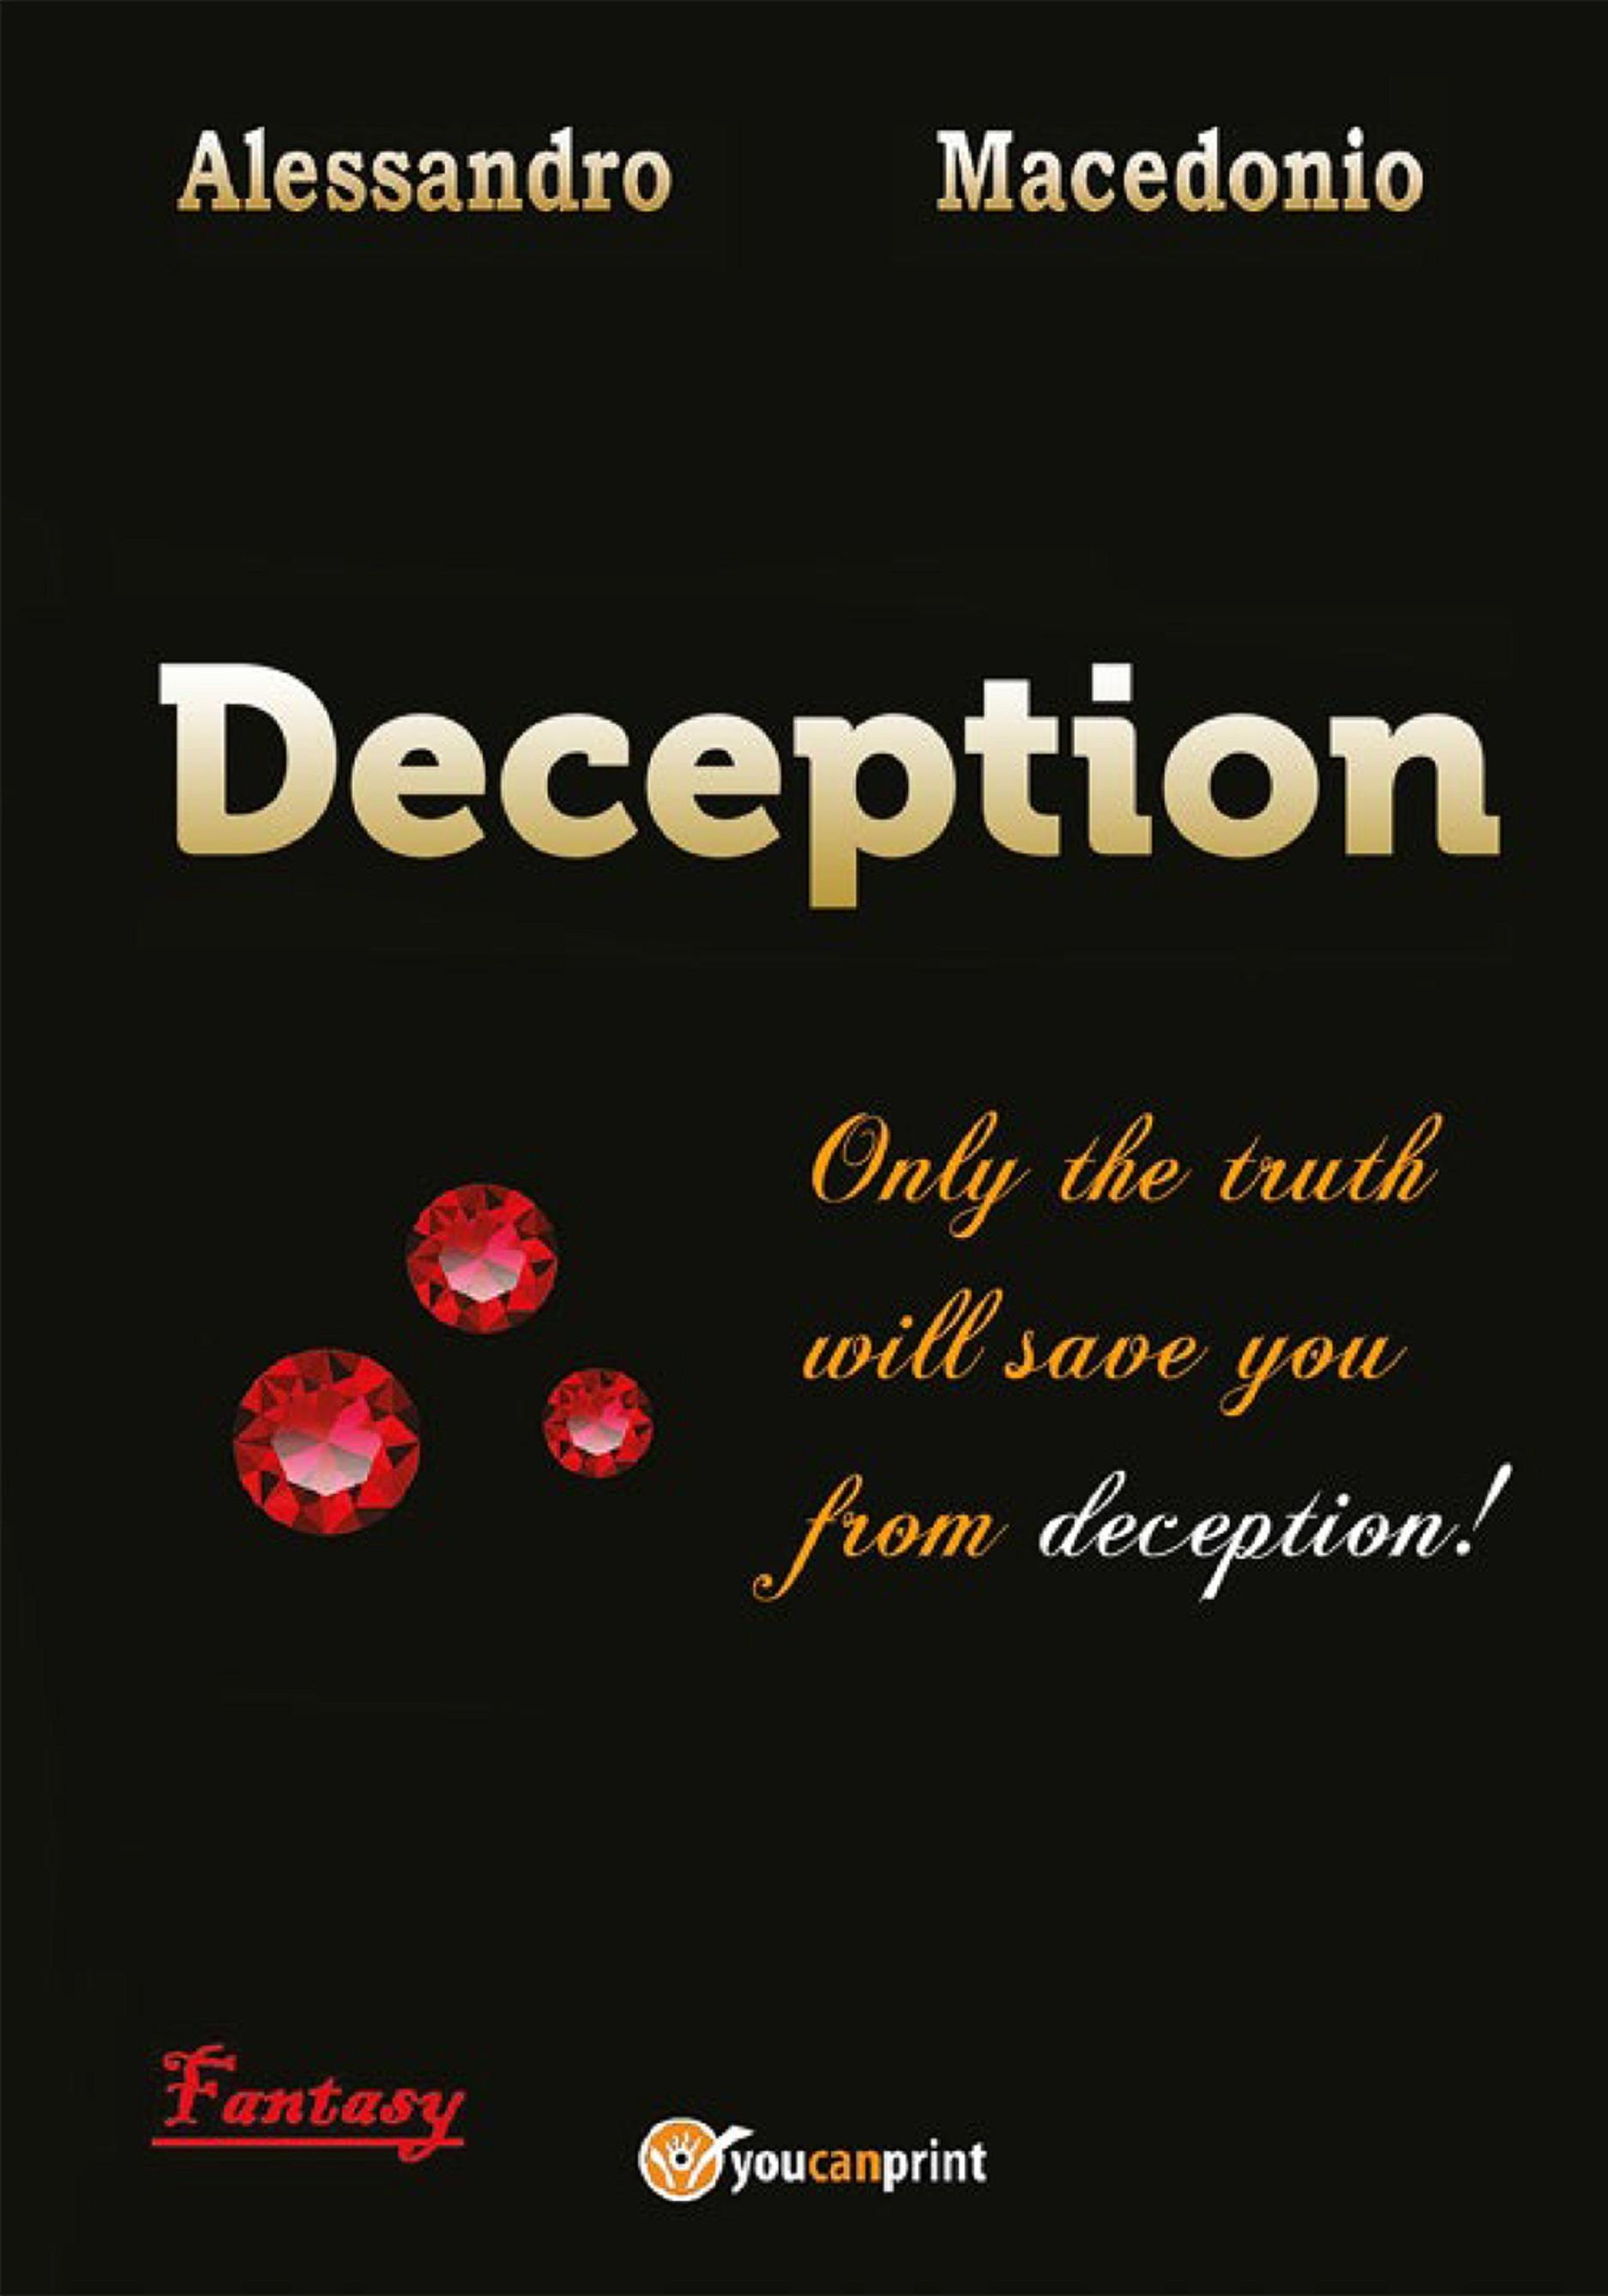 Deception - Episode III